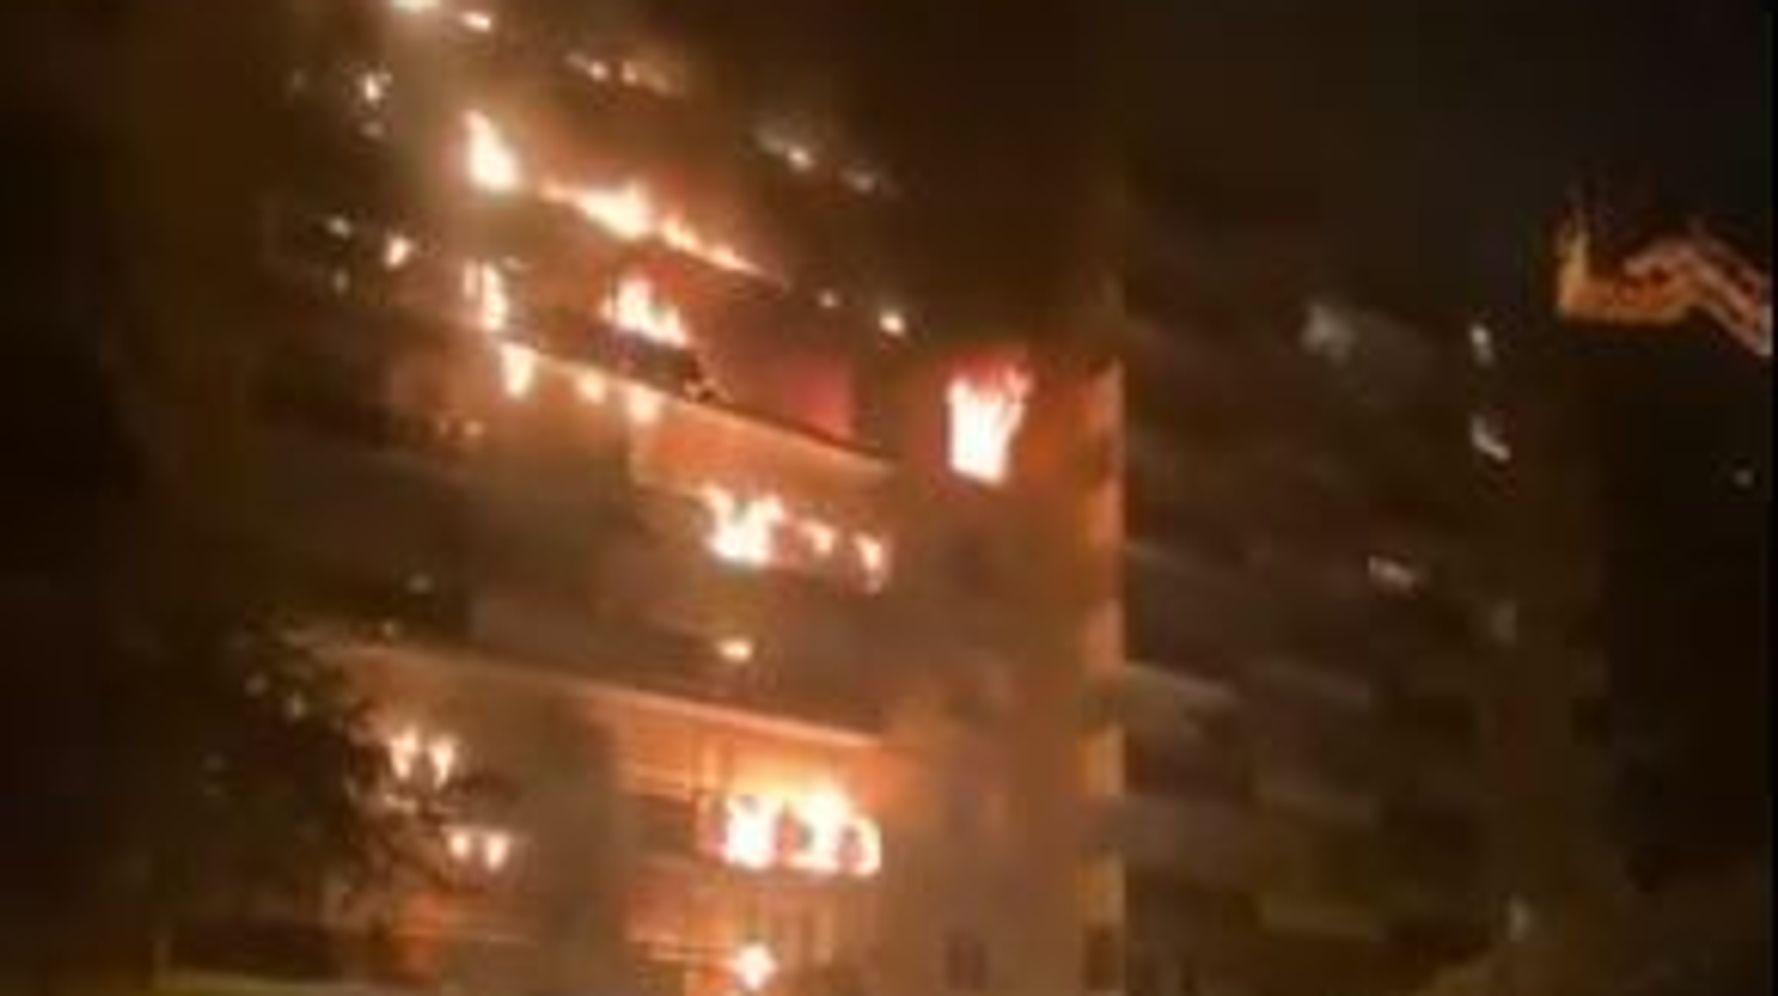 À Sainte-Foy-lès-Lyon, un incendie ravage un immeuble